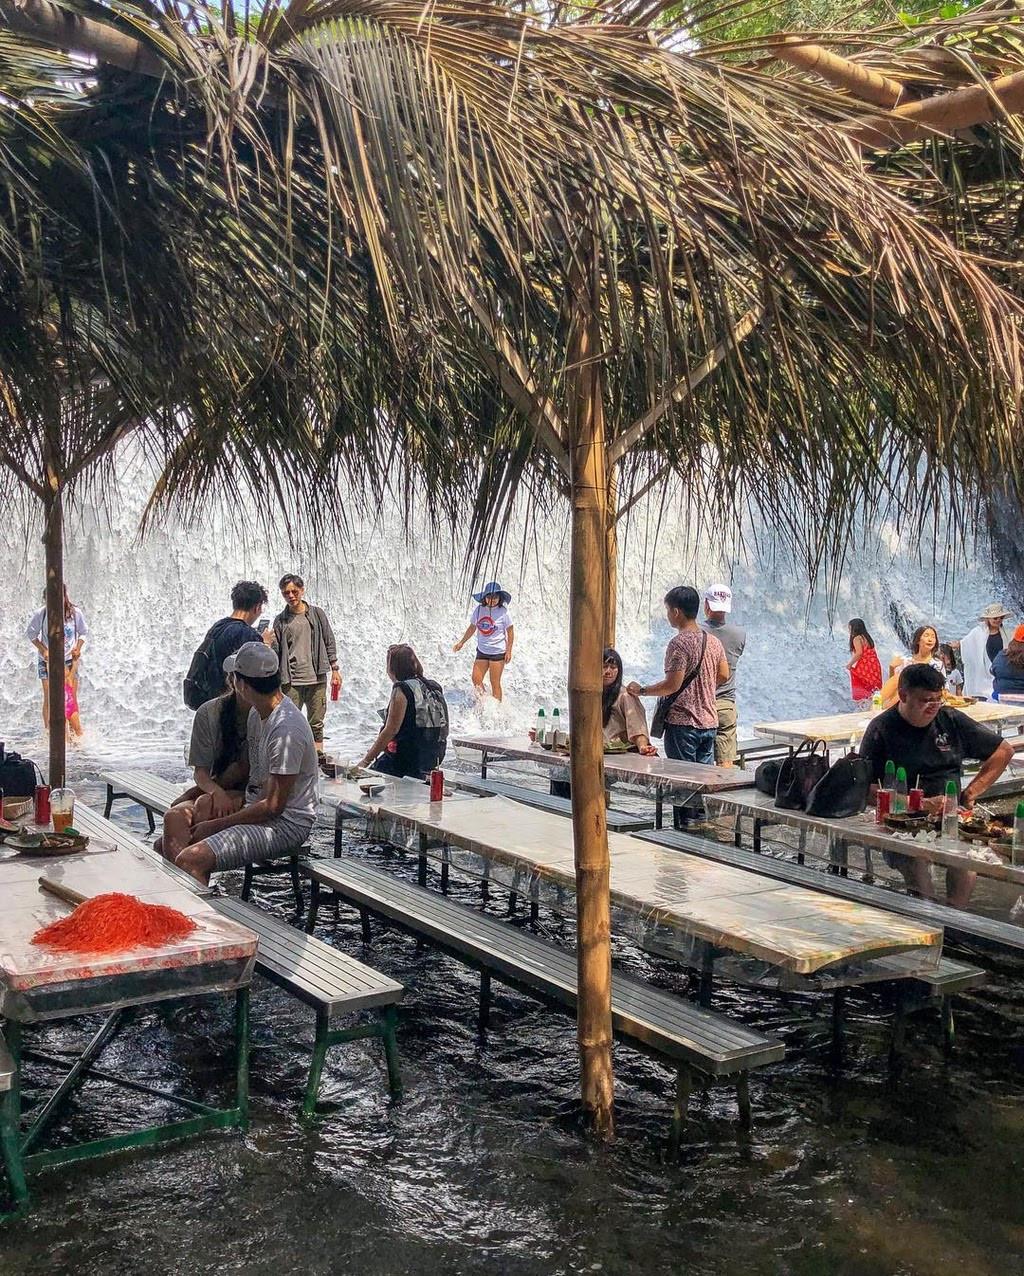 Ăn ngon thêm vạn lần với nhà hàng dưới chân thác độc lạ ở Philippines - 5